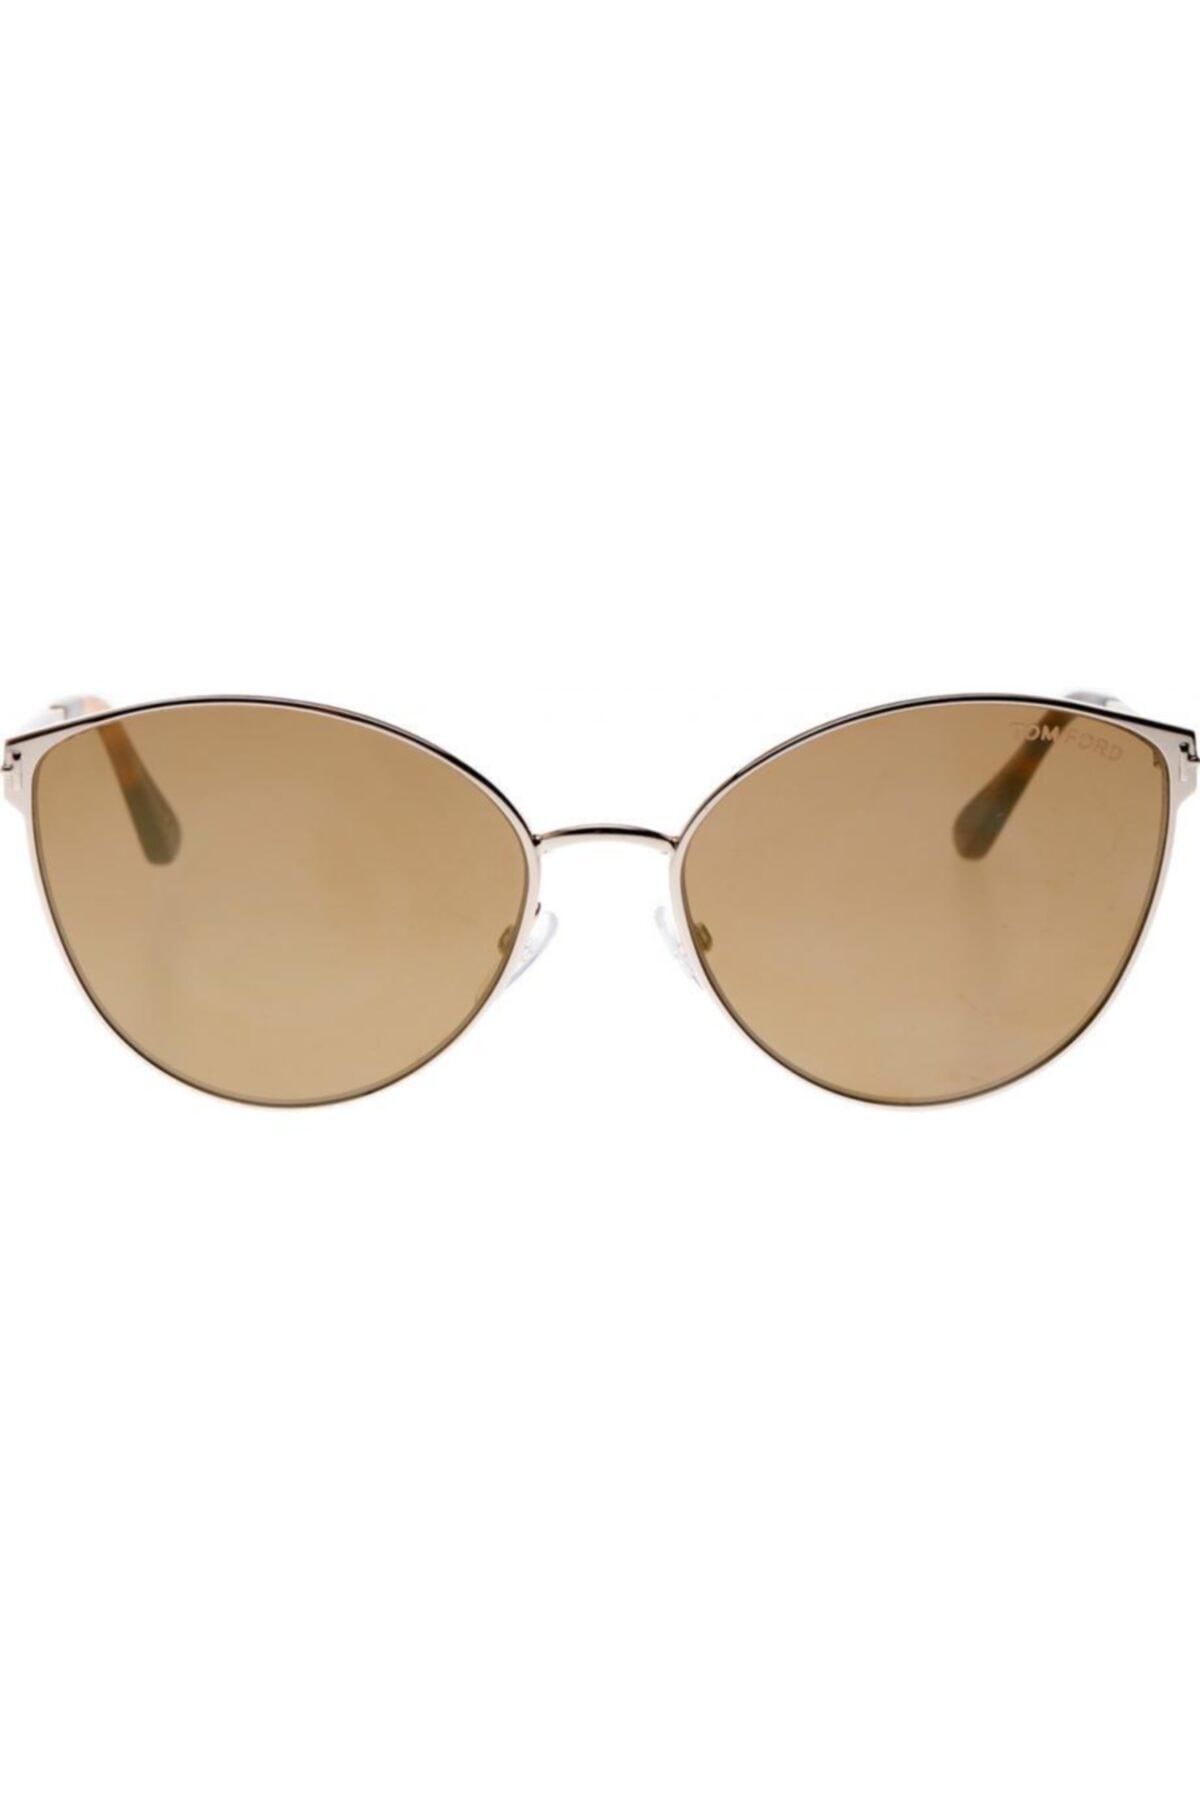 عینک دودی مردانه مدل دار برند Tom Ford رنگ بژ کد ty66563815